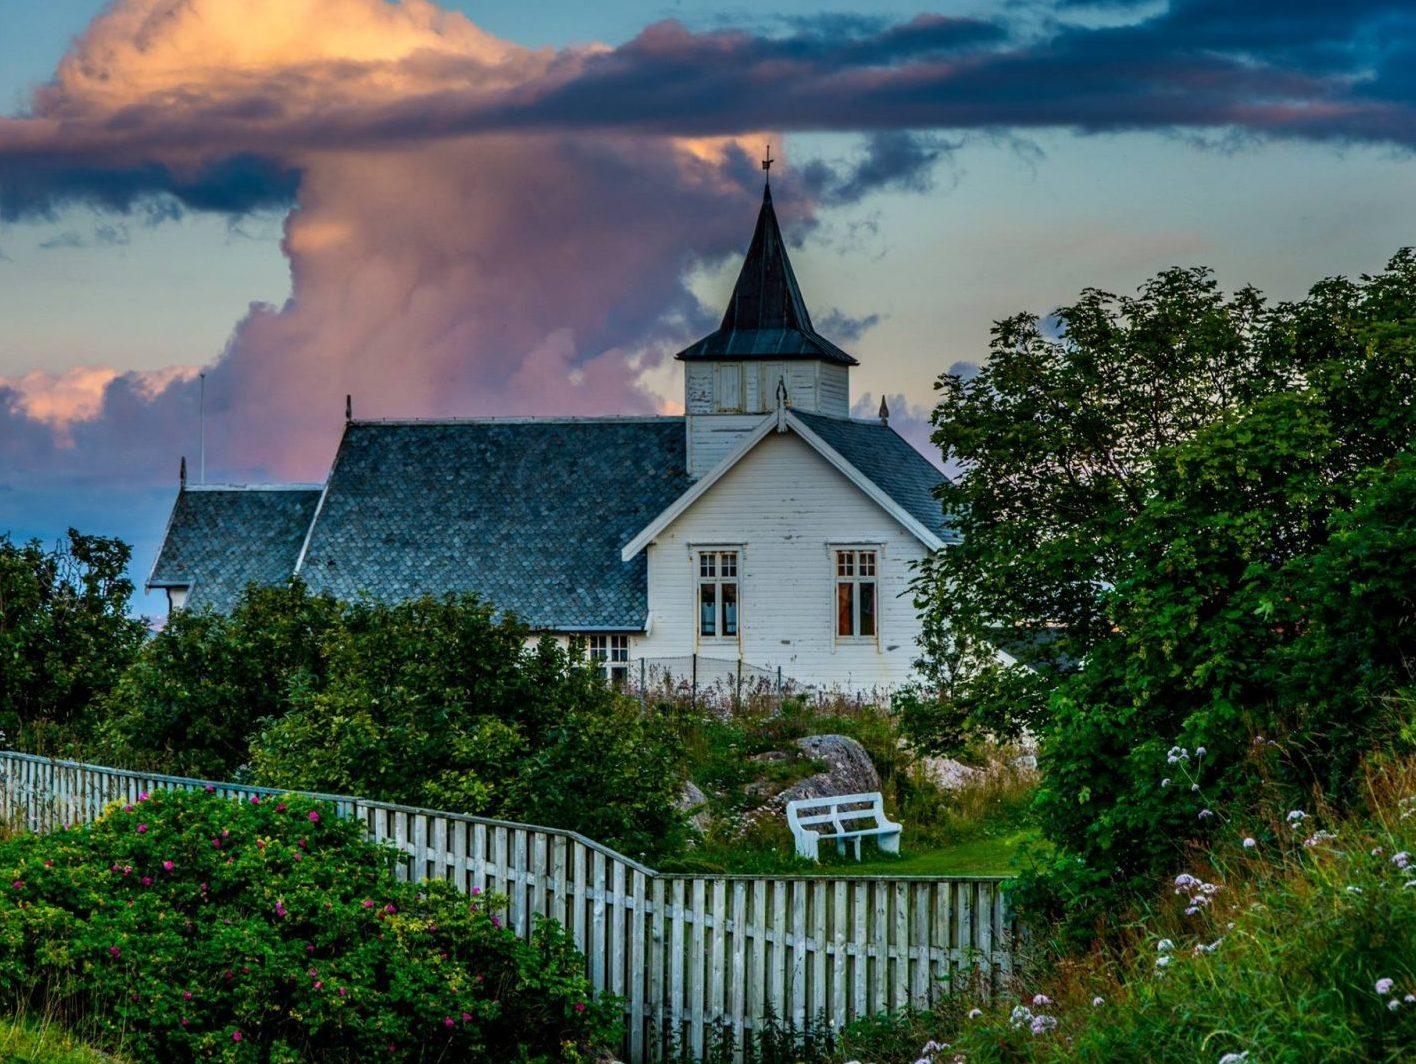 Sula kirke - nøkkelsted på den nasjonale kystpilegrimsleia